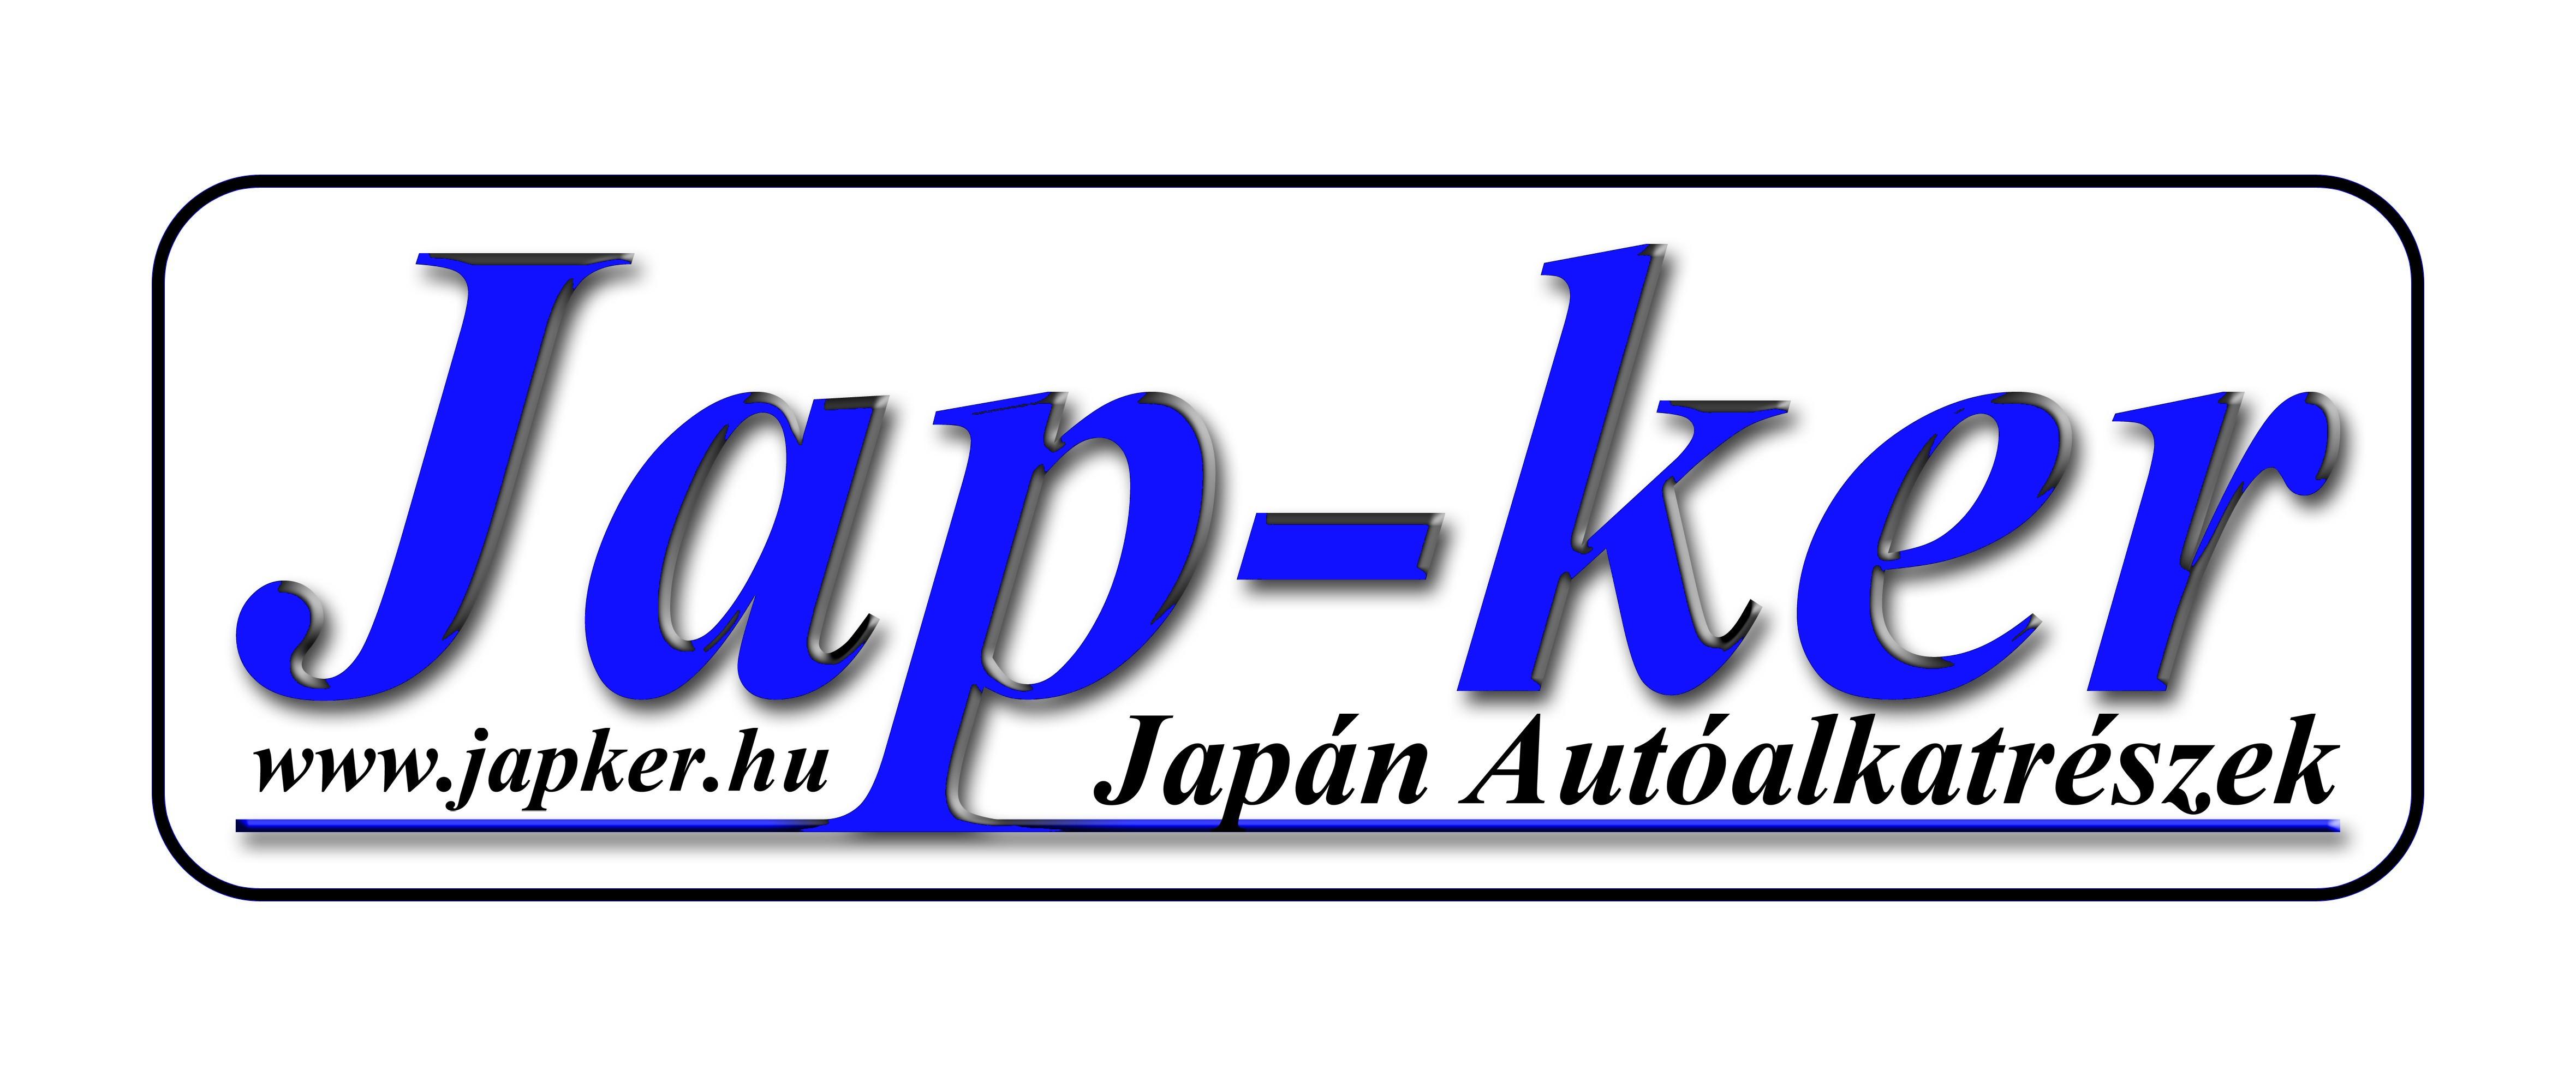 japkerlogo